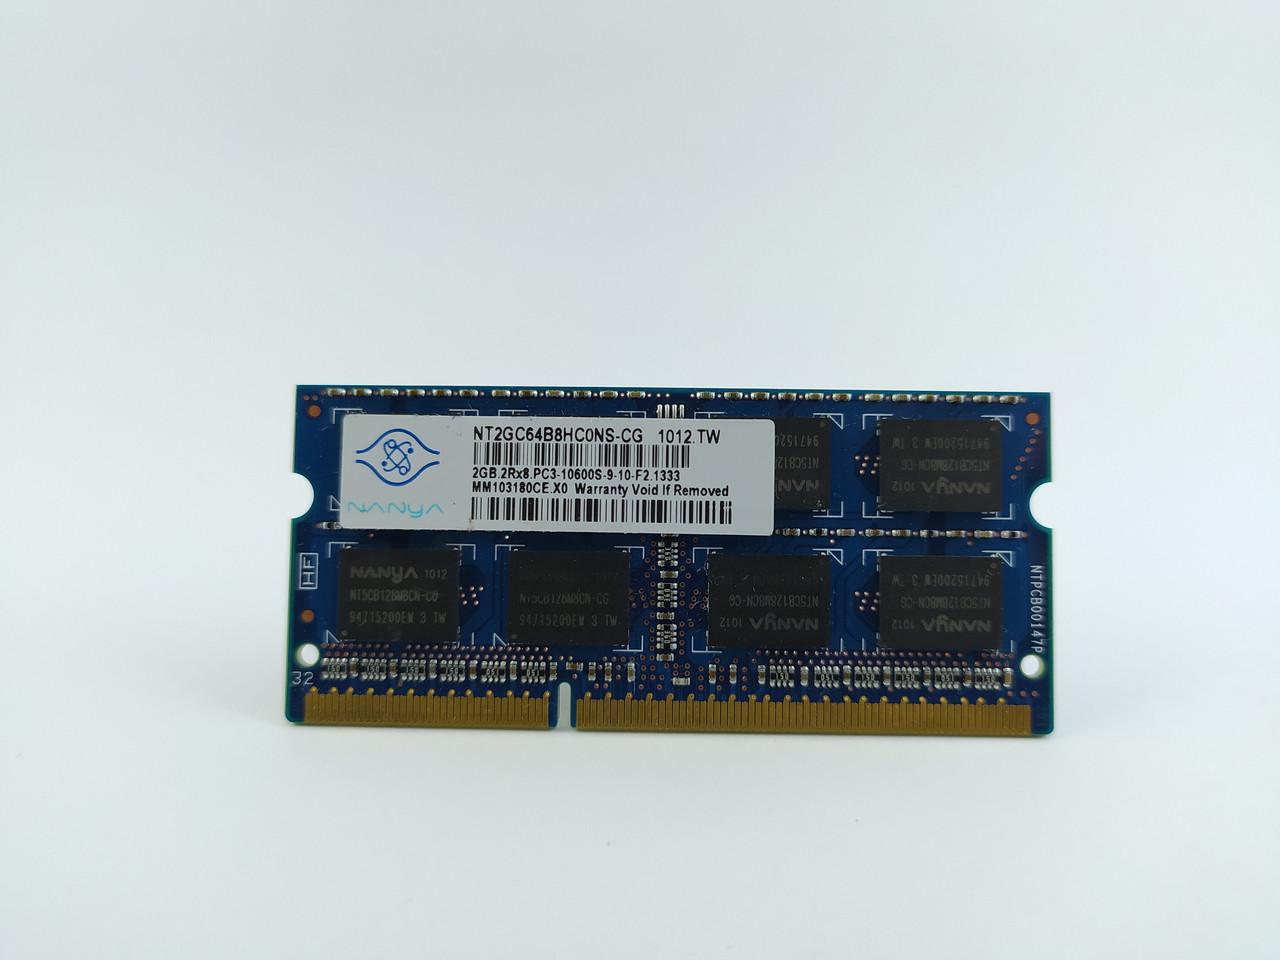 Оперативная память для ноутбука SODIMM Nanya DDR3 2Gb 1333MHz PC3-10600S (NT2GC64B8HC0NS-CG) Б/У